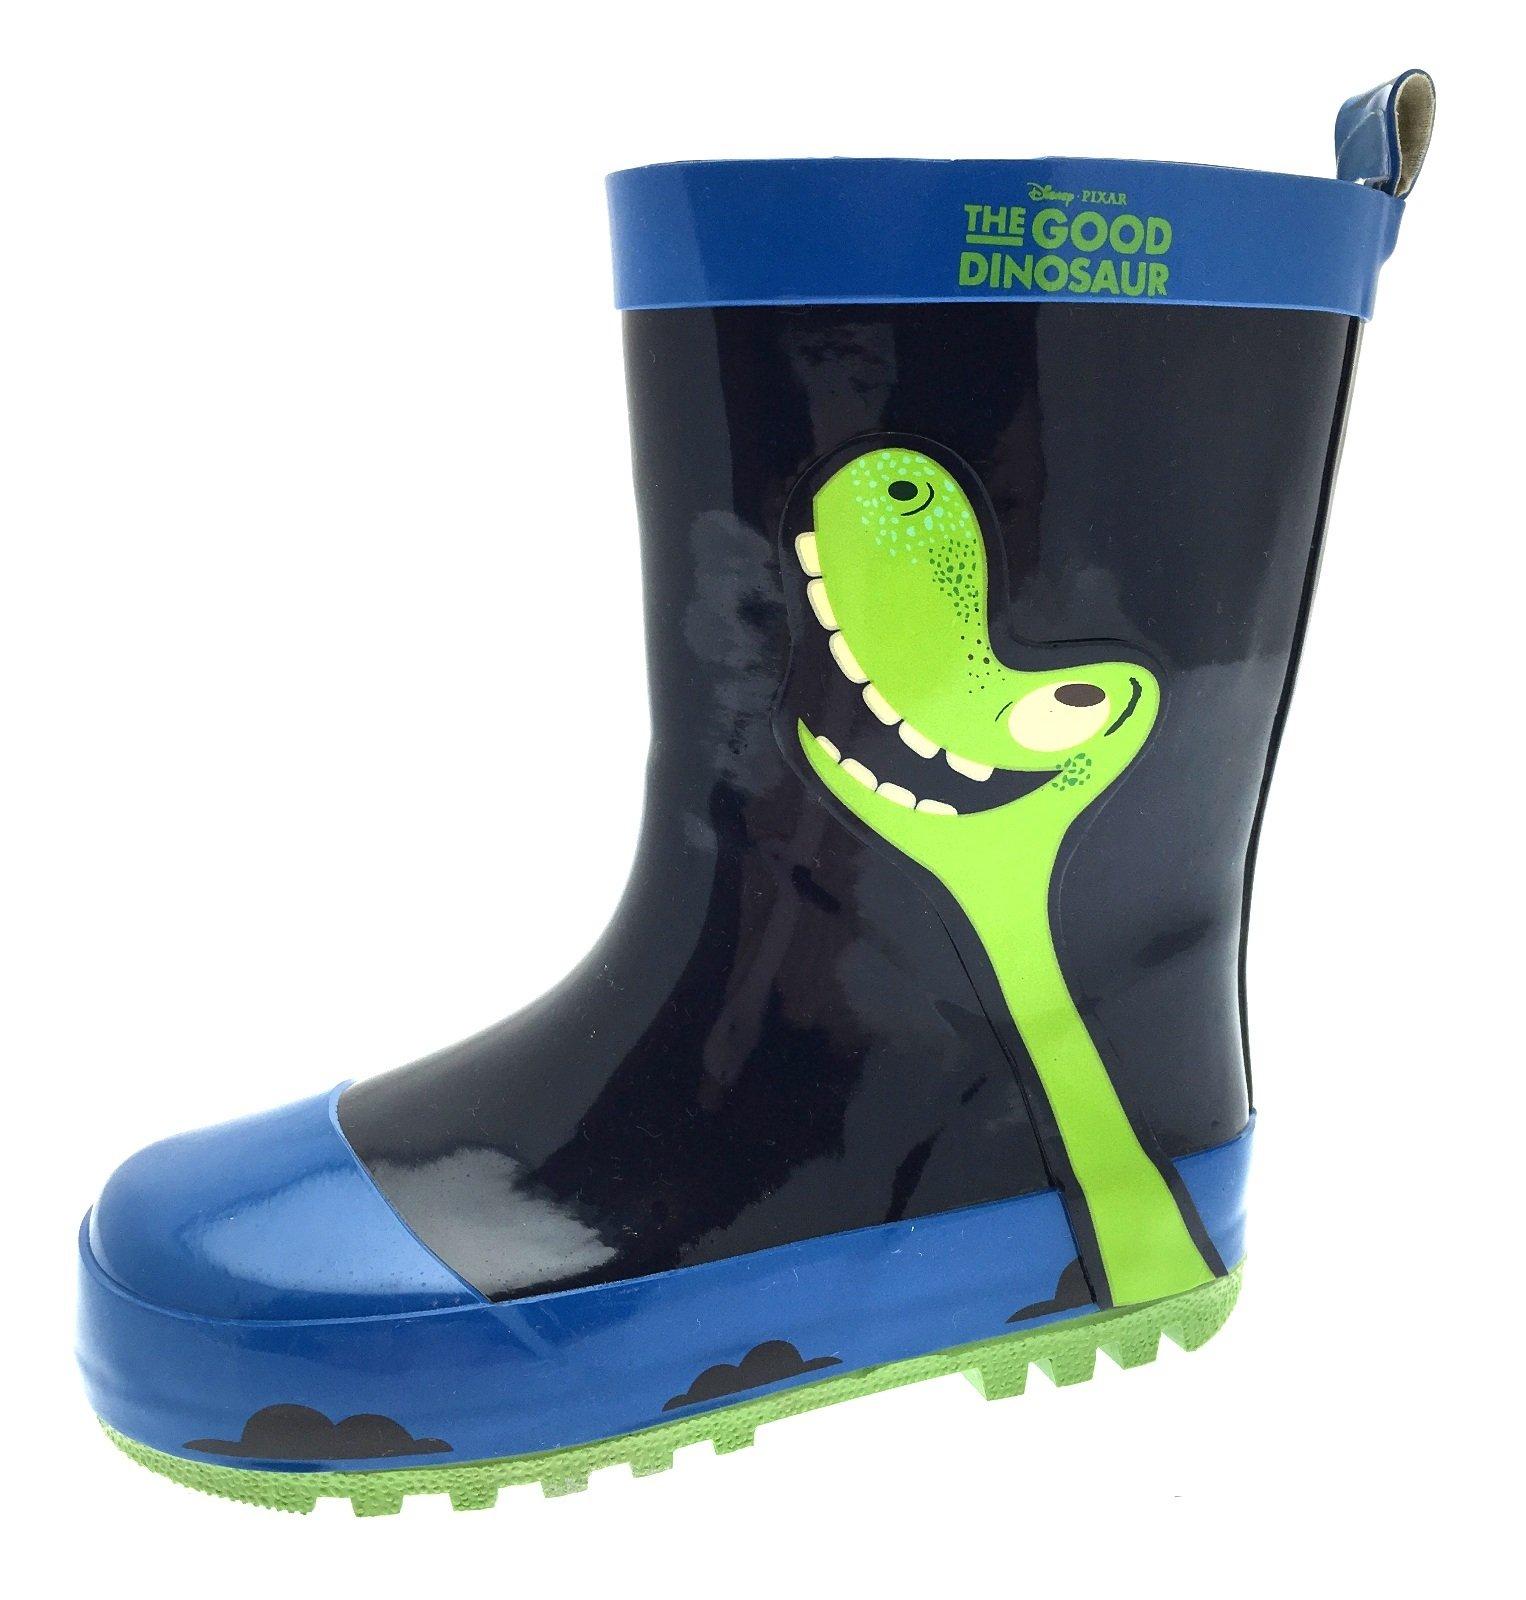 Boys Girls Kids Children Wellingtong Boots Wellies  Rain Boots Shoes UK5.5-11